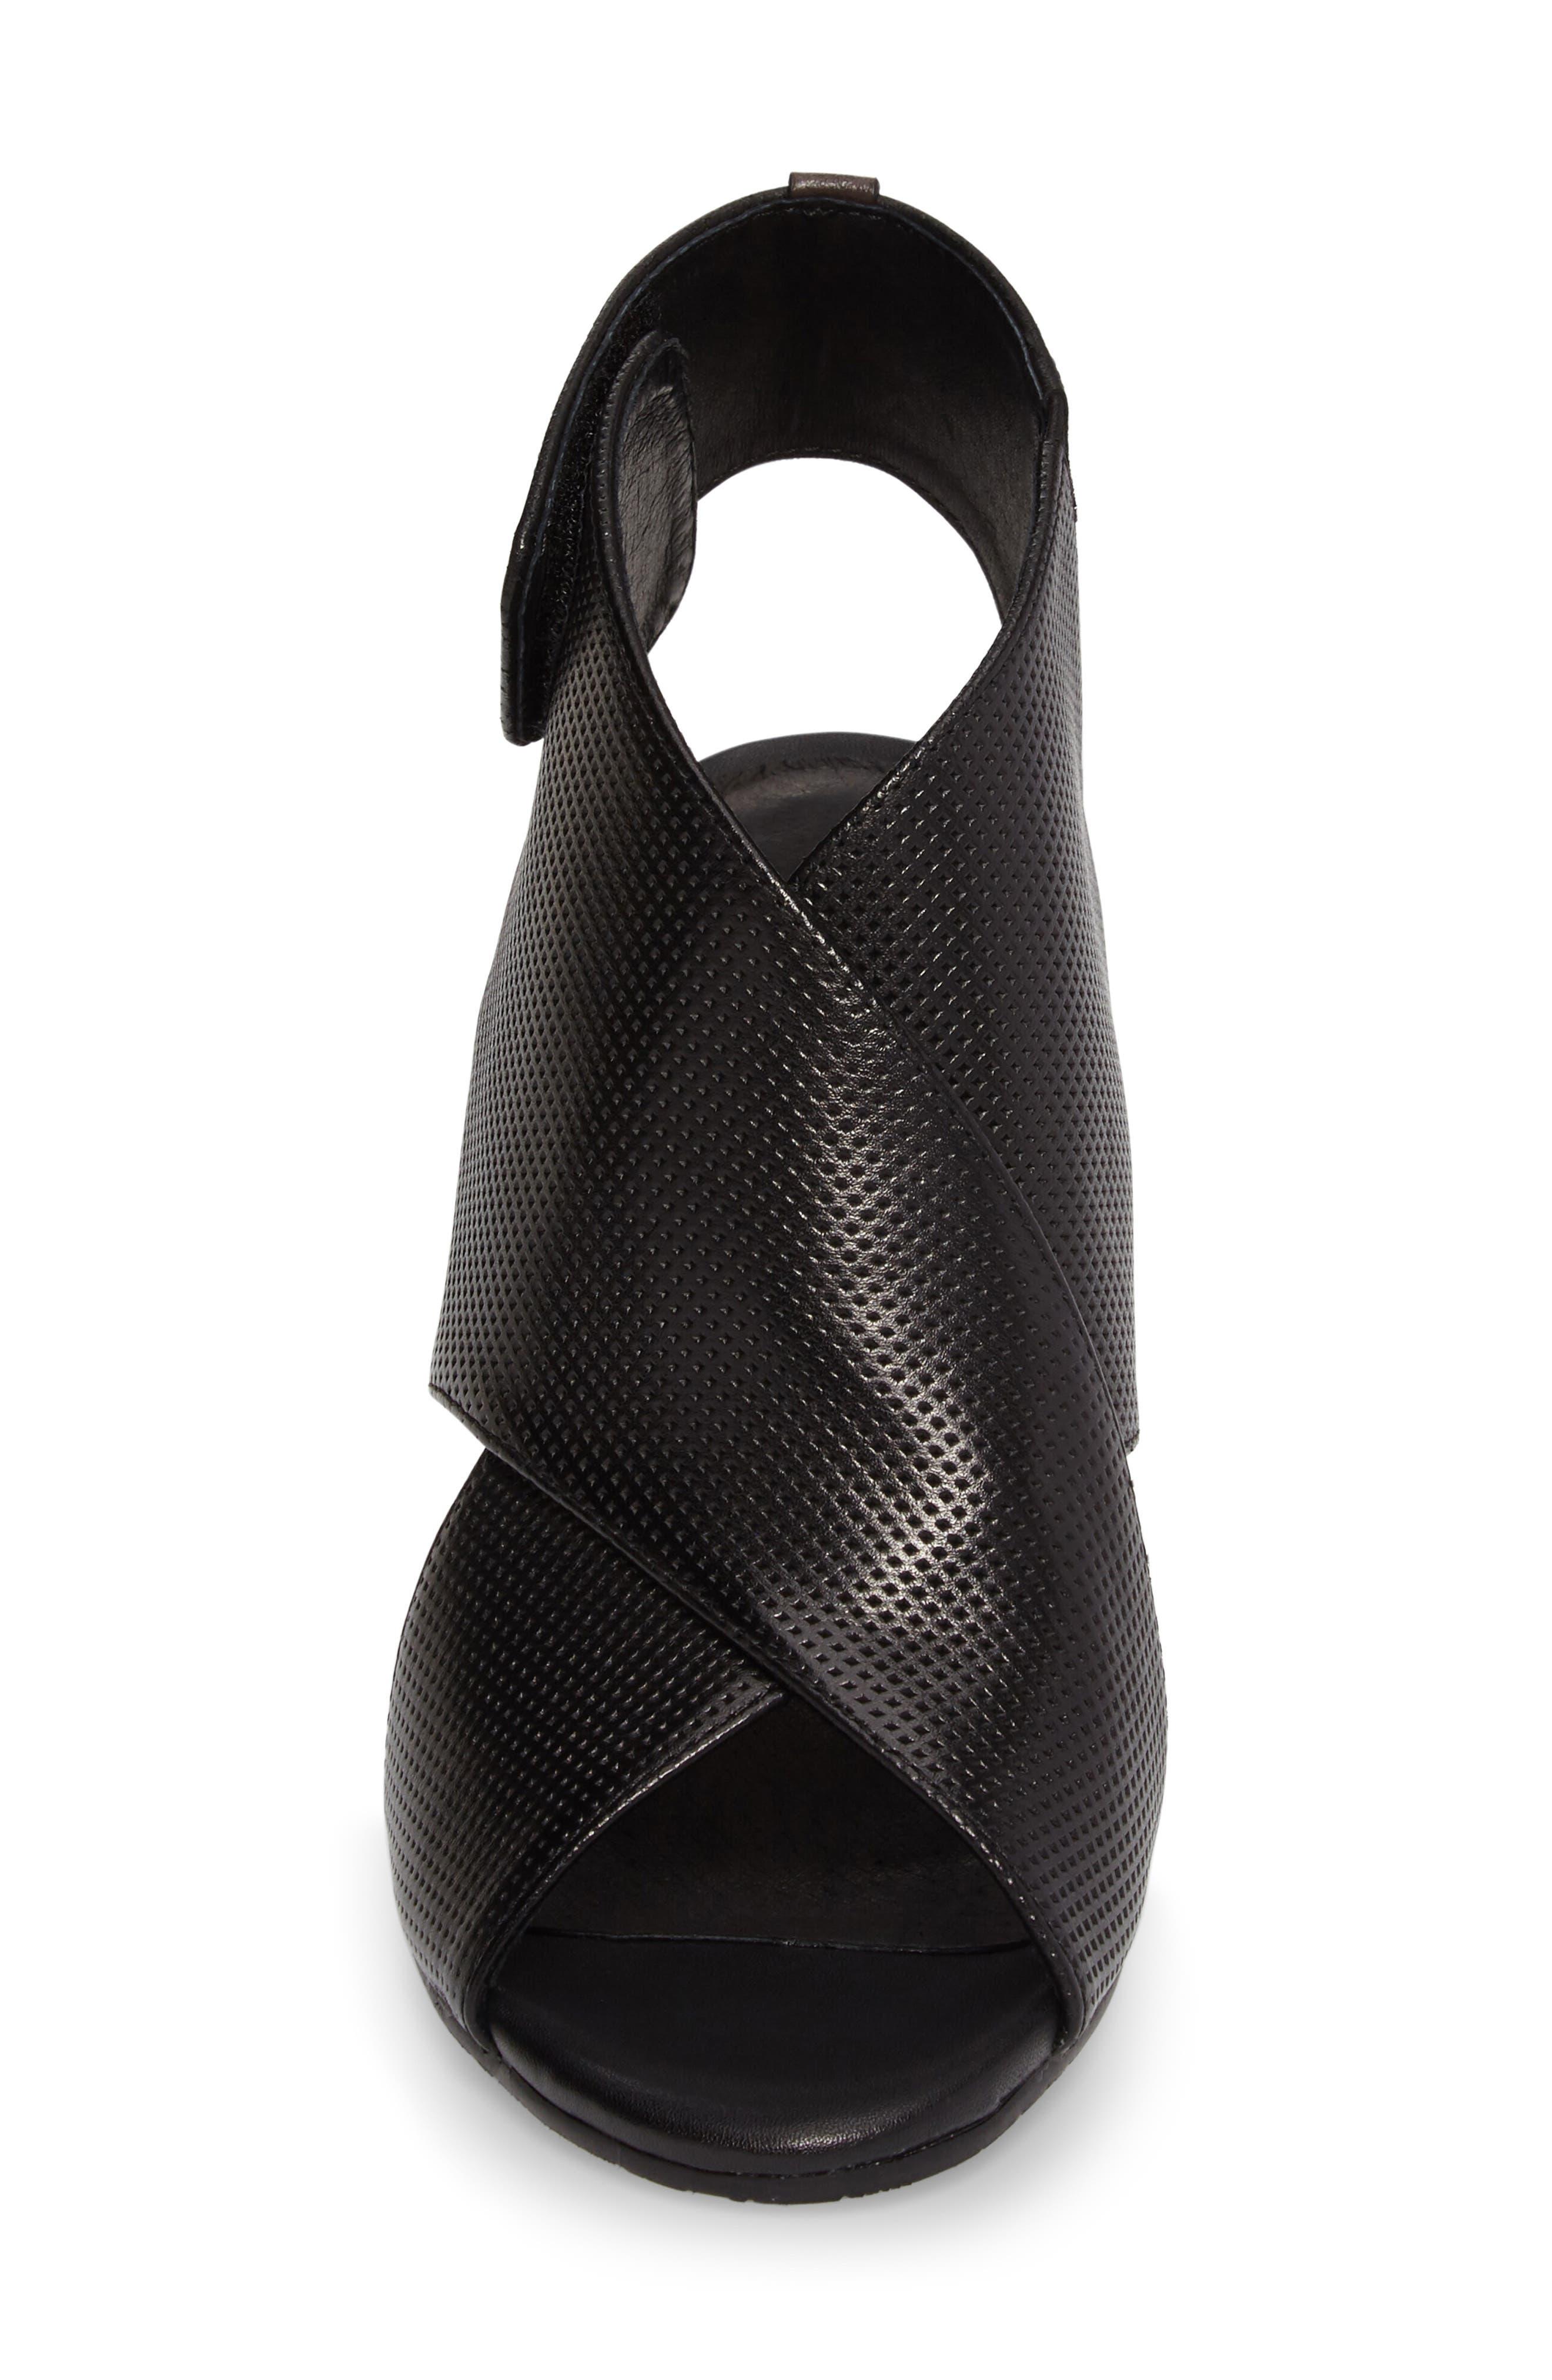 Benedetta Block Heel Sandal,                             Alternate thumbnail 4, color,                             001